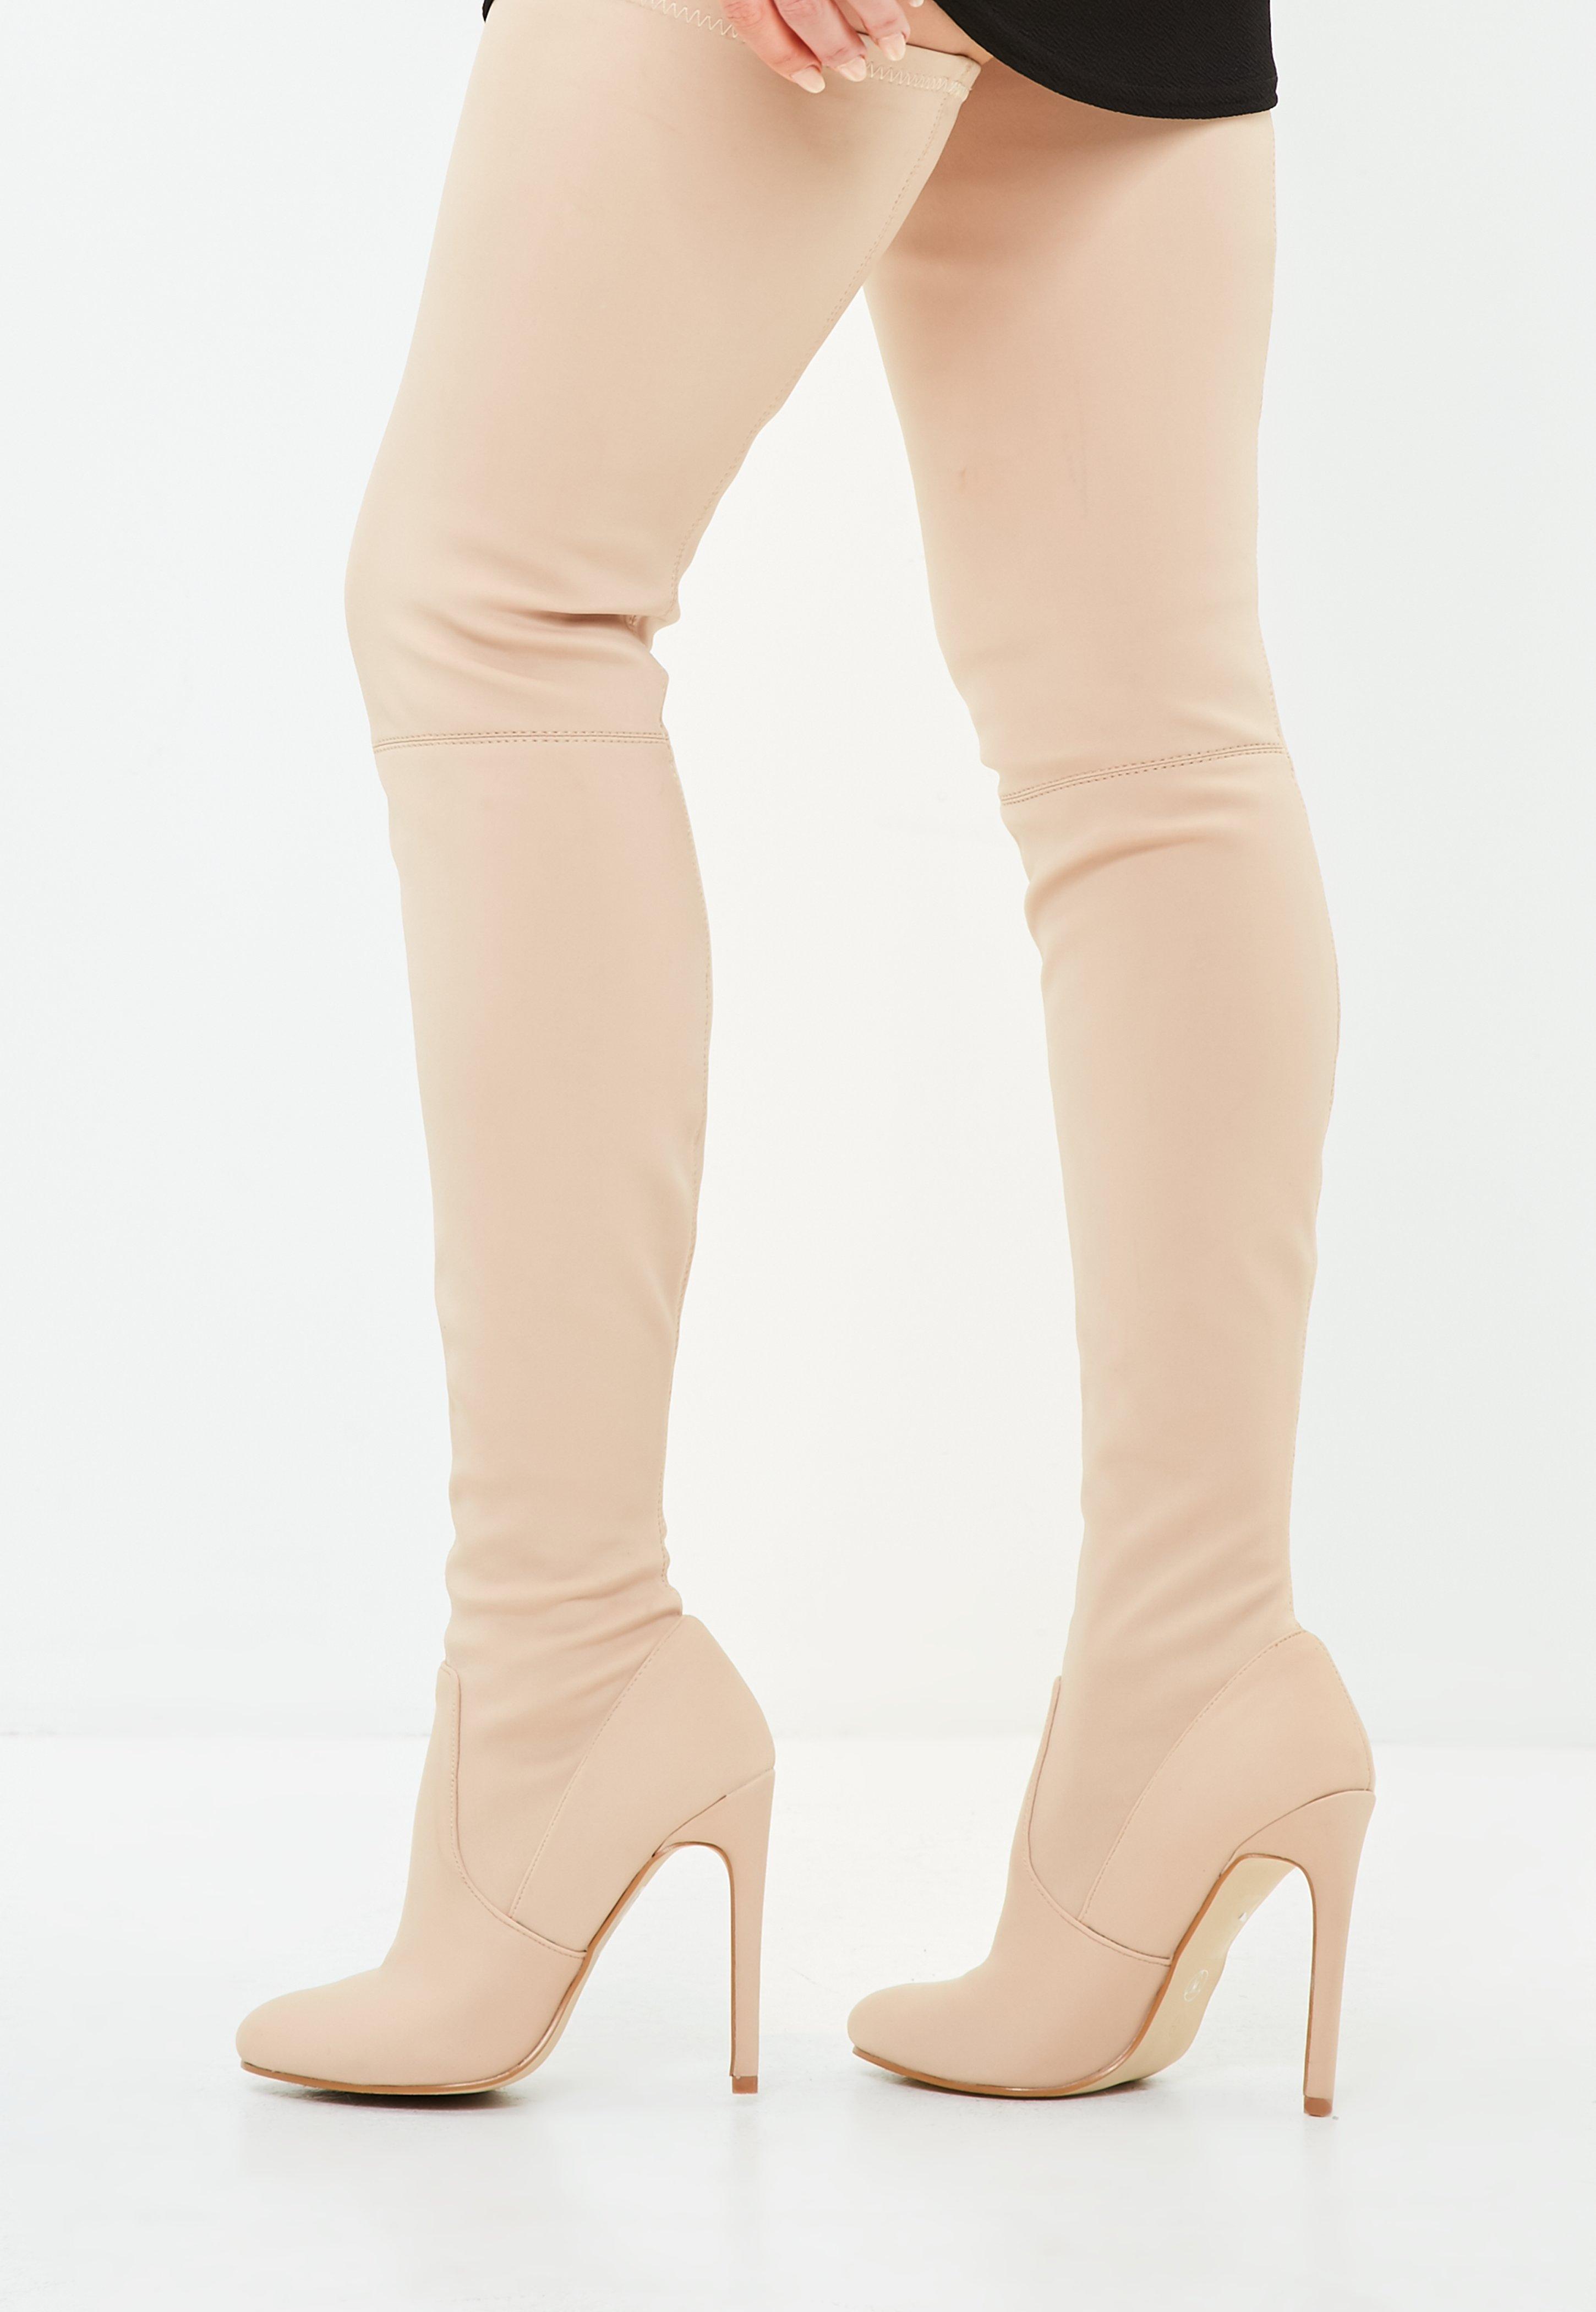 nude-boots-bunny-fotos-teens-like